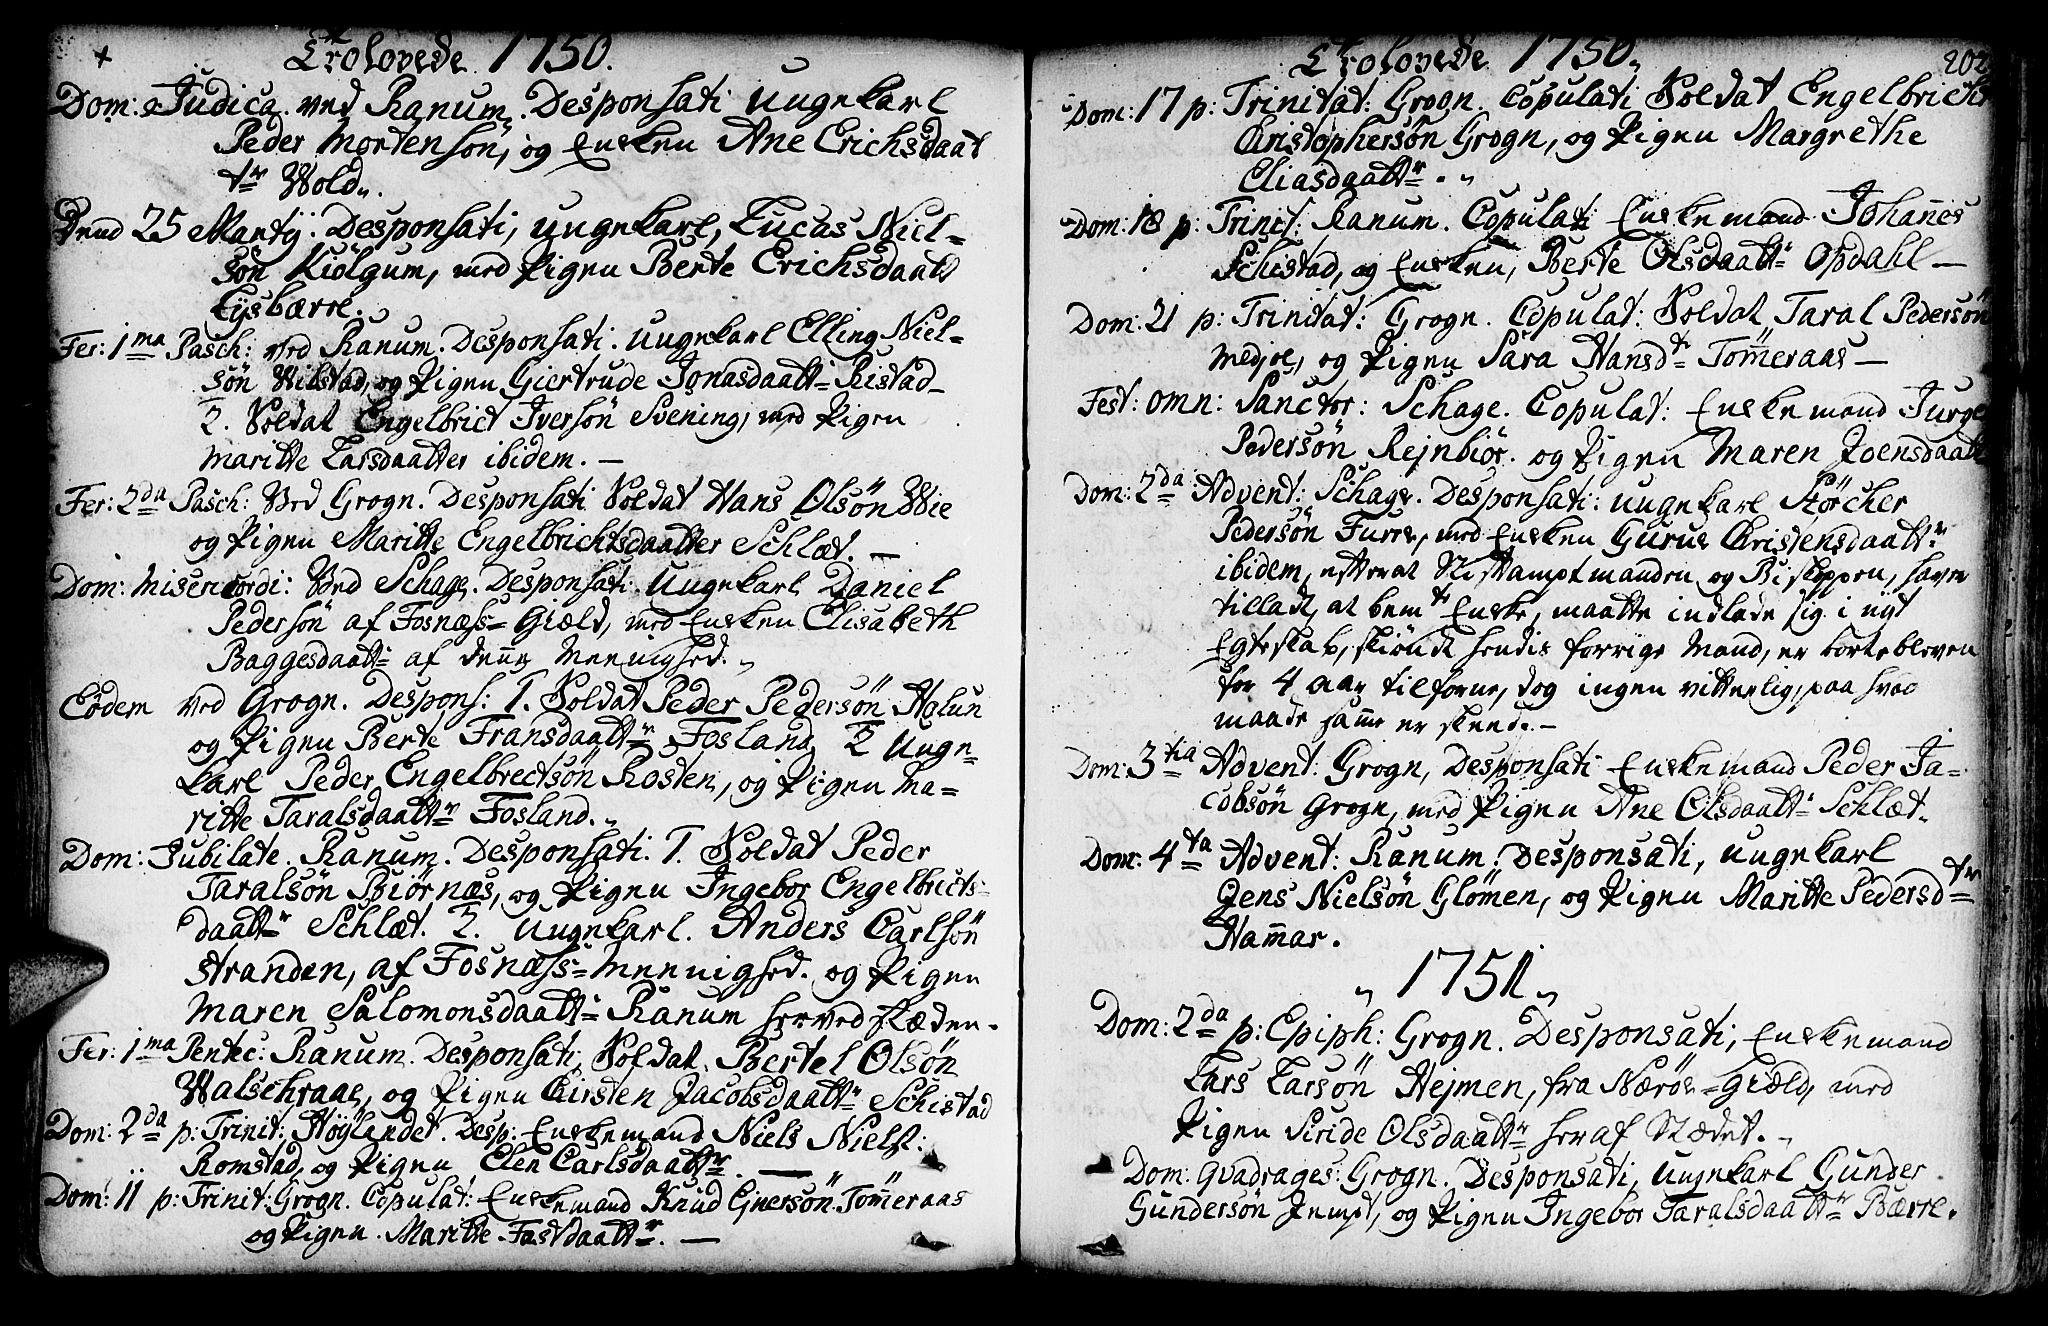 SAT, Ministerialprotokoller, klokkerbøker og fødselsregistre - Nord-Trøndelag, 764/L0542: Ministerialbok nr. 764A02, 1748-1779, s. 202